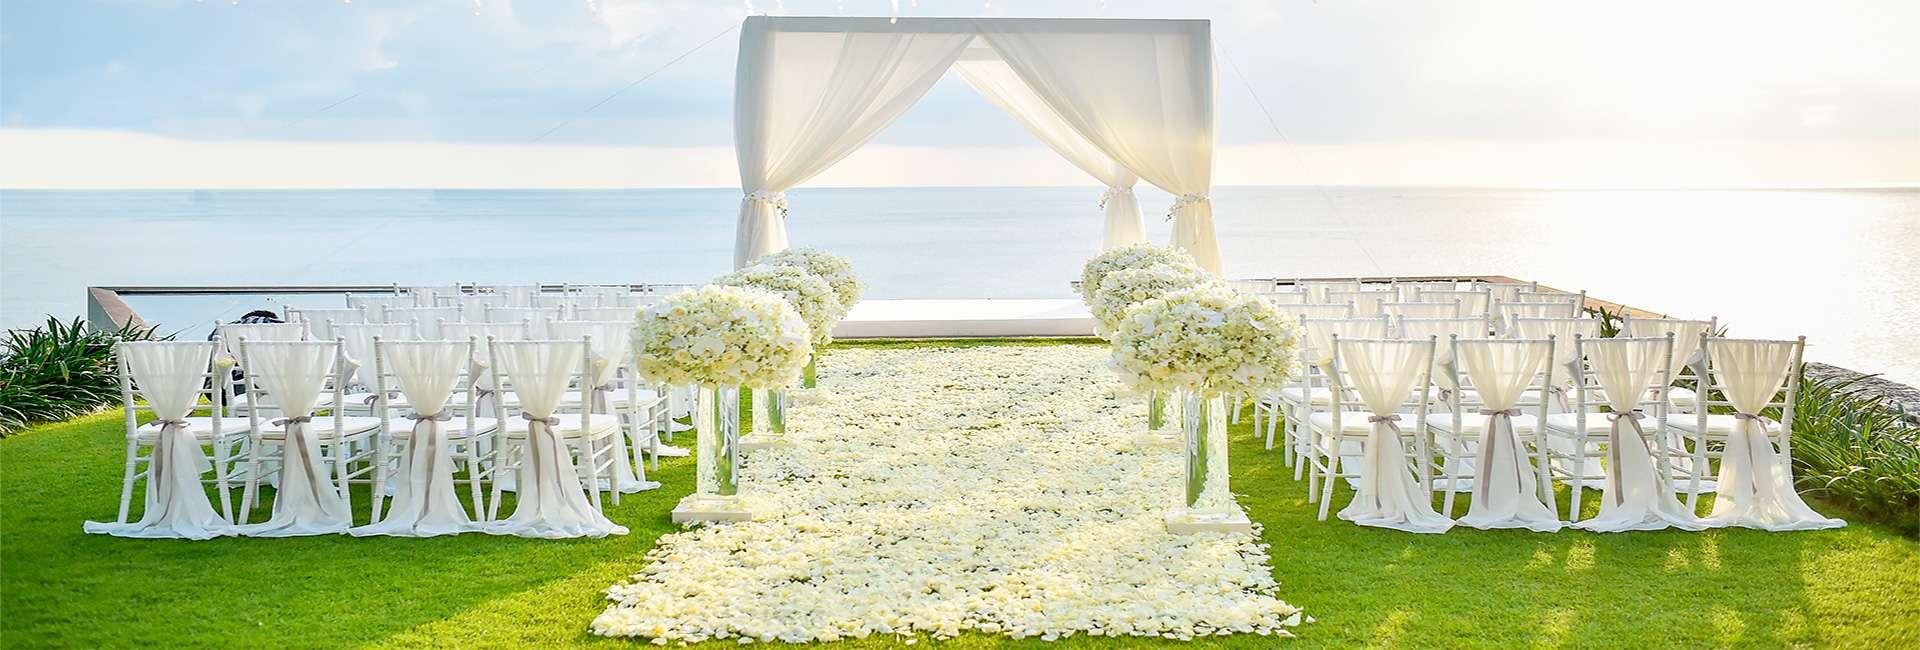 Optimizada optimizada villa del palmar flamingos riviera nayarit servicios de bodas